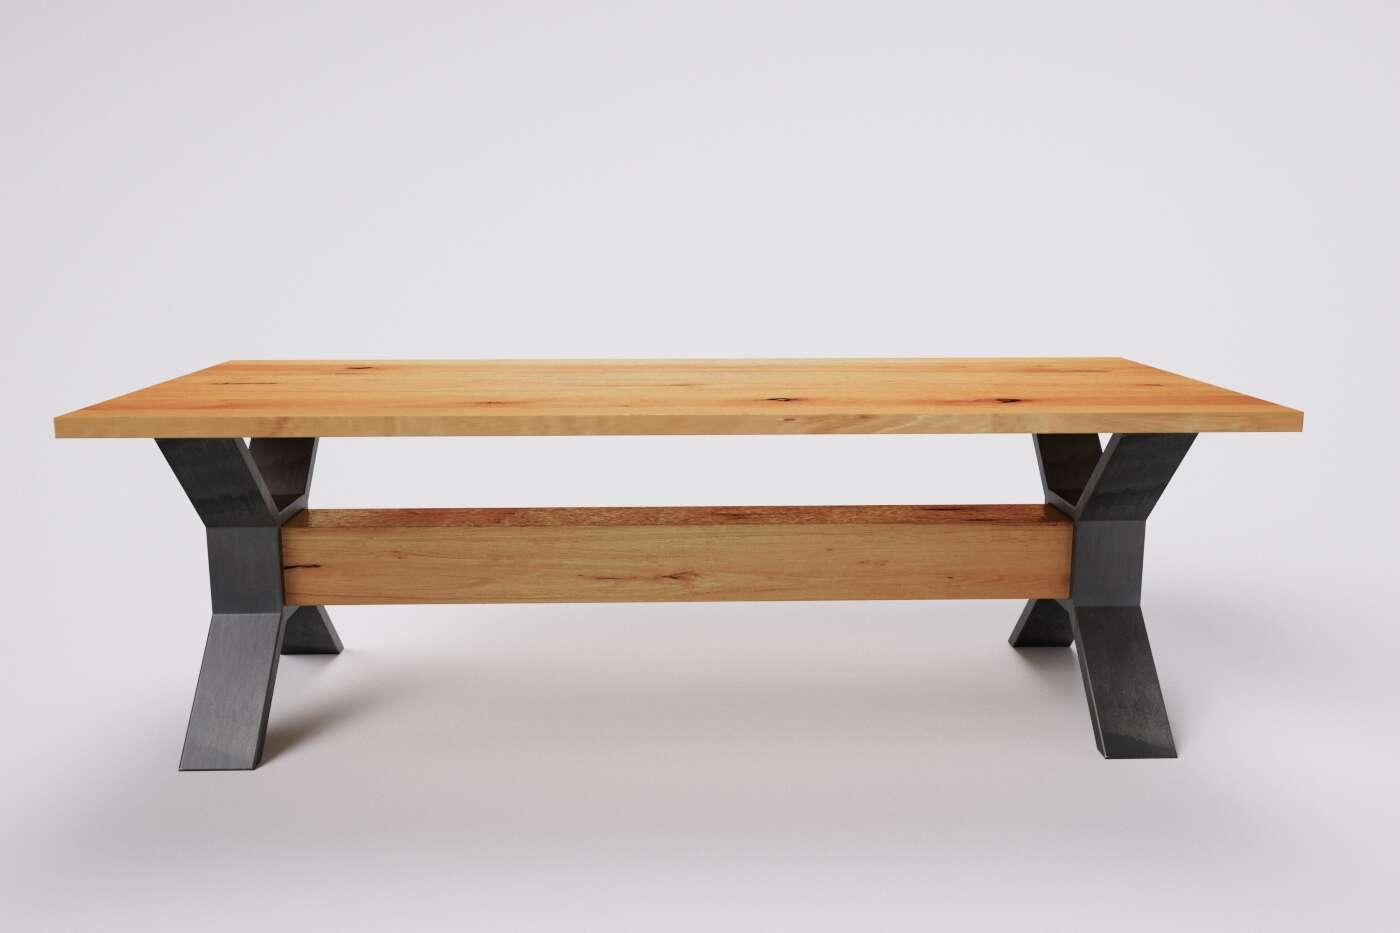 massivholz esstisch buche nach mass wohnsektion. Black Bedroom Furniture Sets. Home Design Ideas